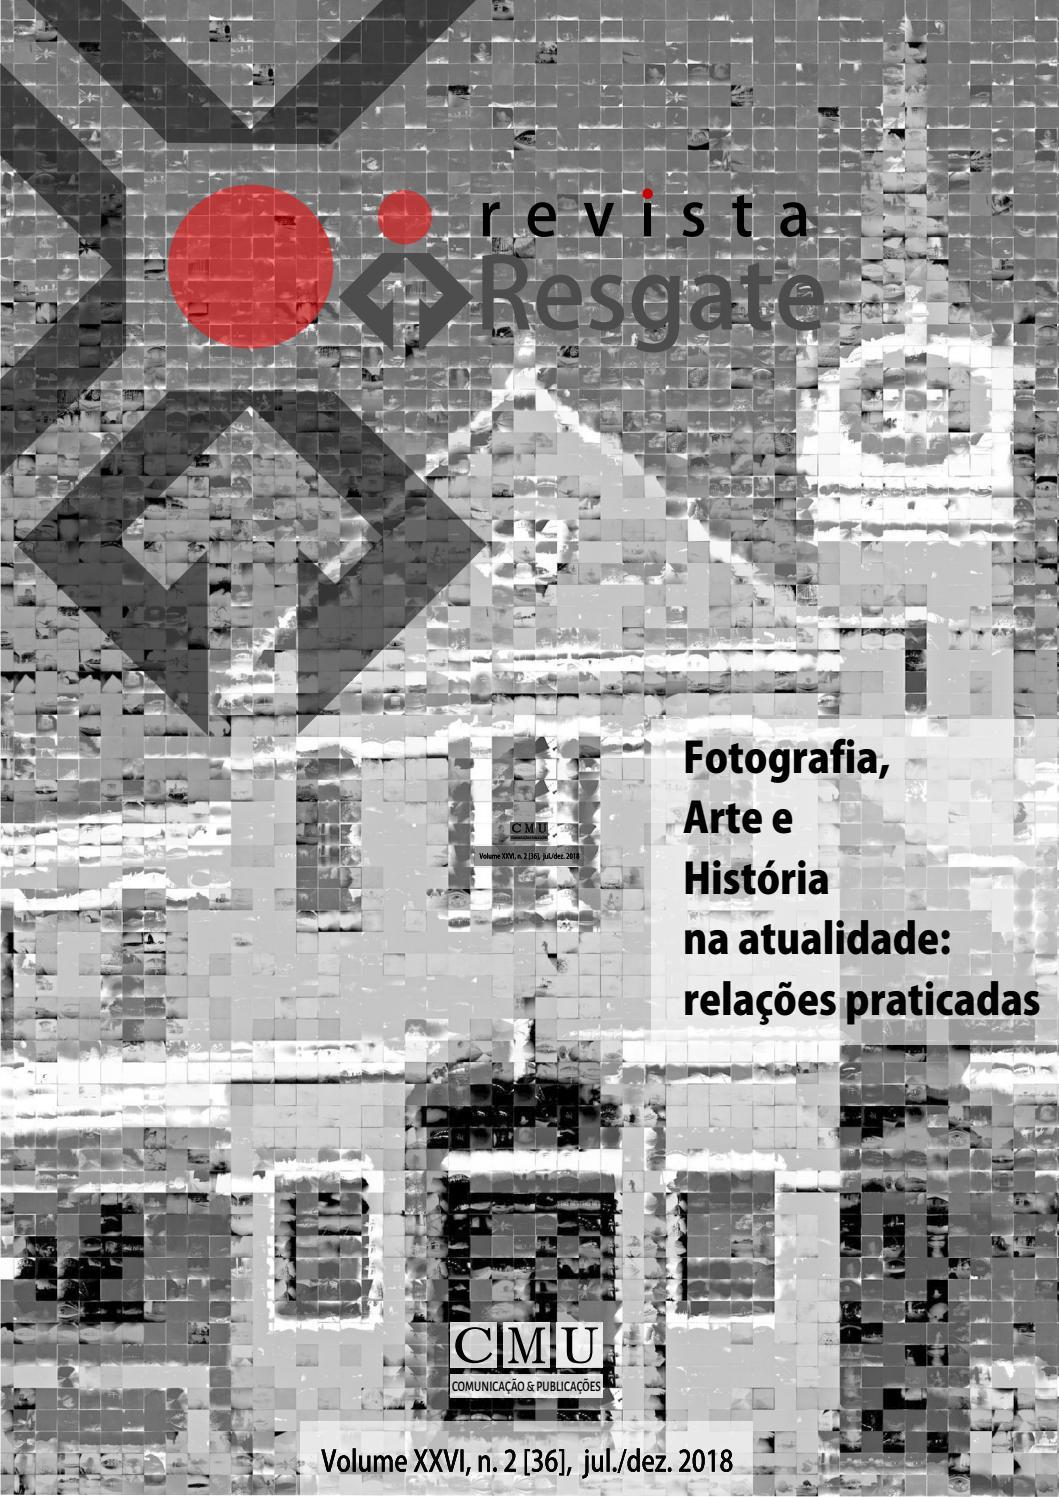 Resgate nº 36 - Dossiê Fotografia, Arte e História na